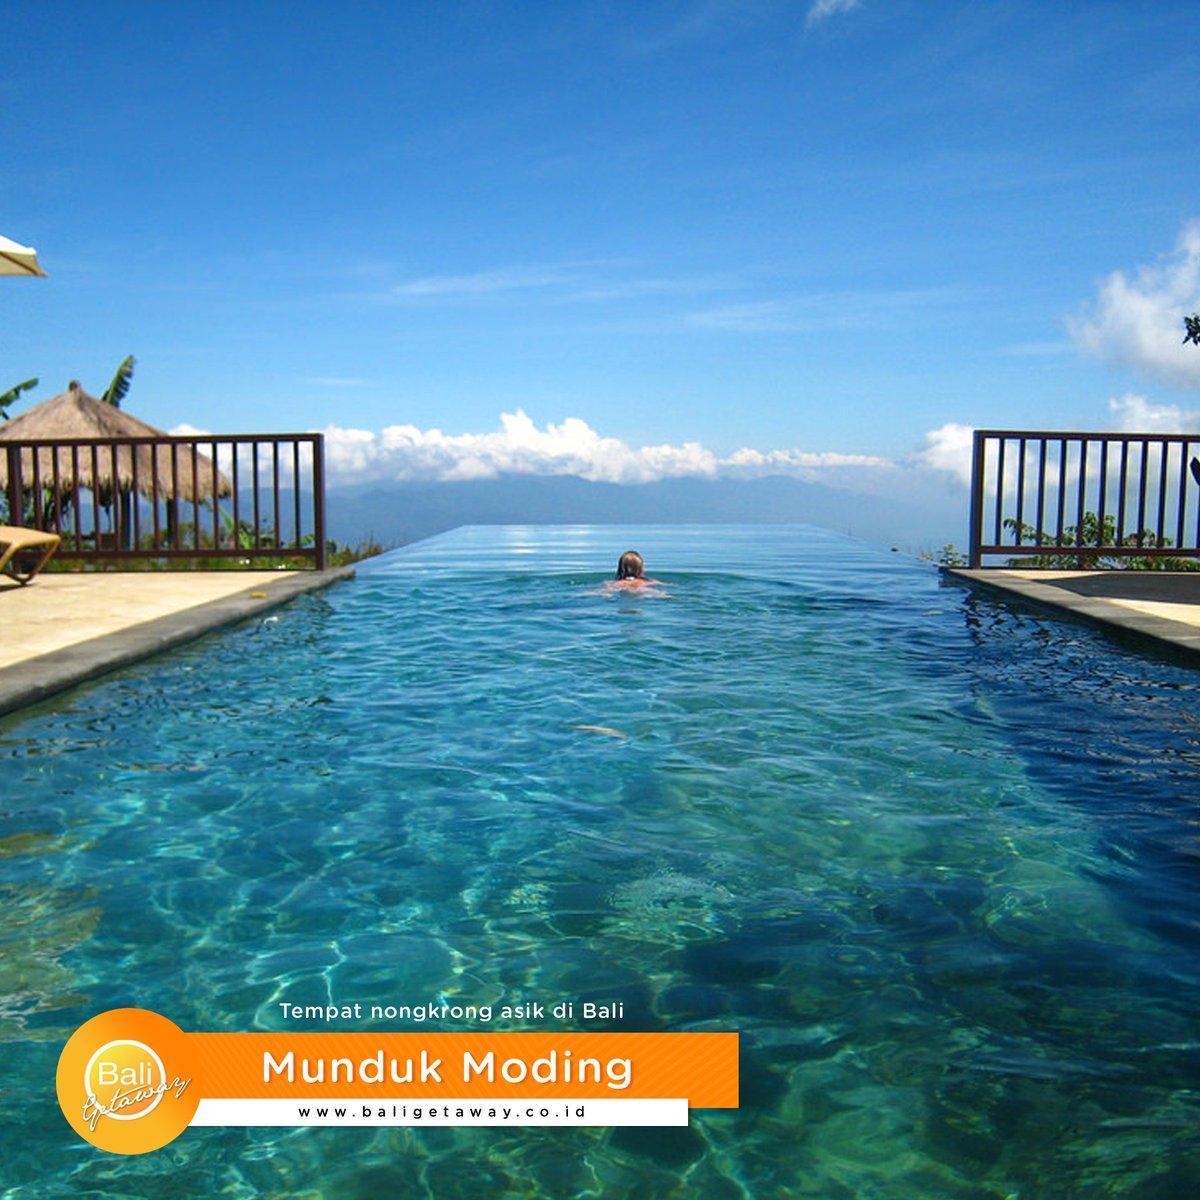 Salah Satu Tempat Wisata Yang Paling Terkenal Di Indonesia